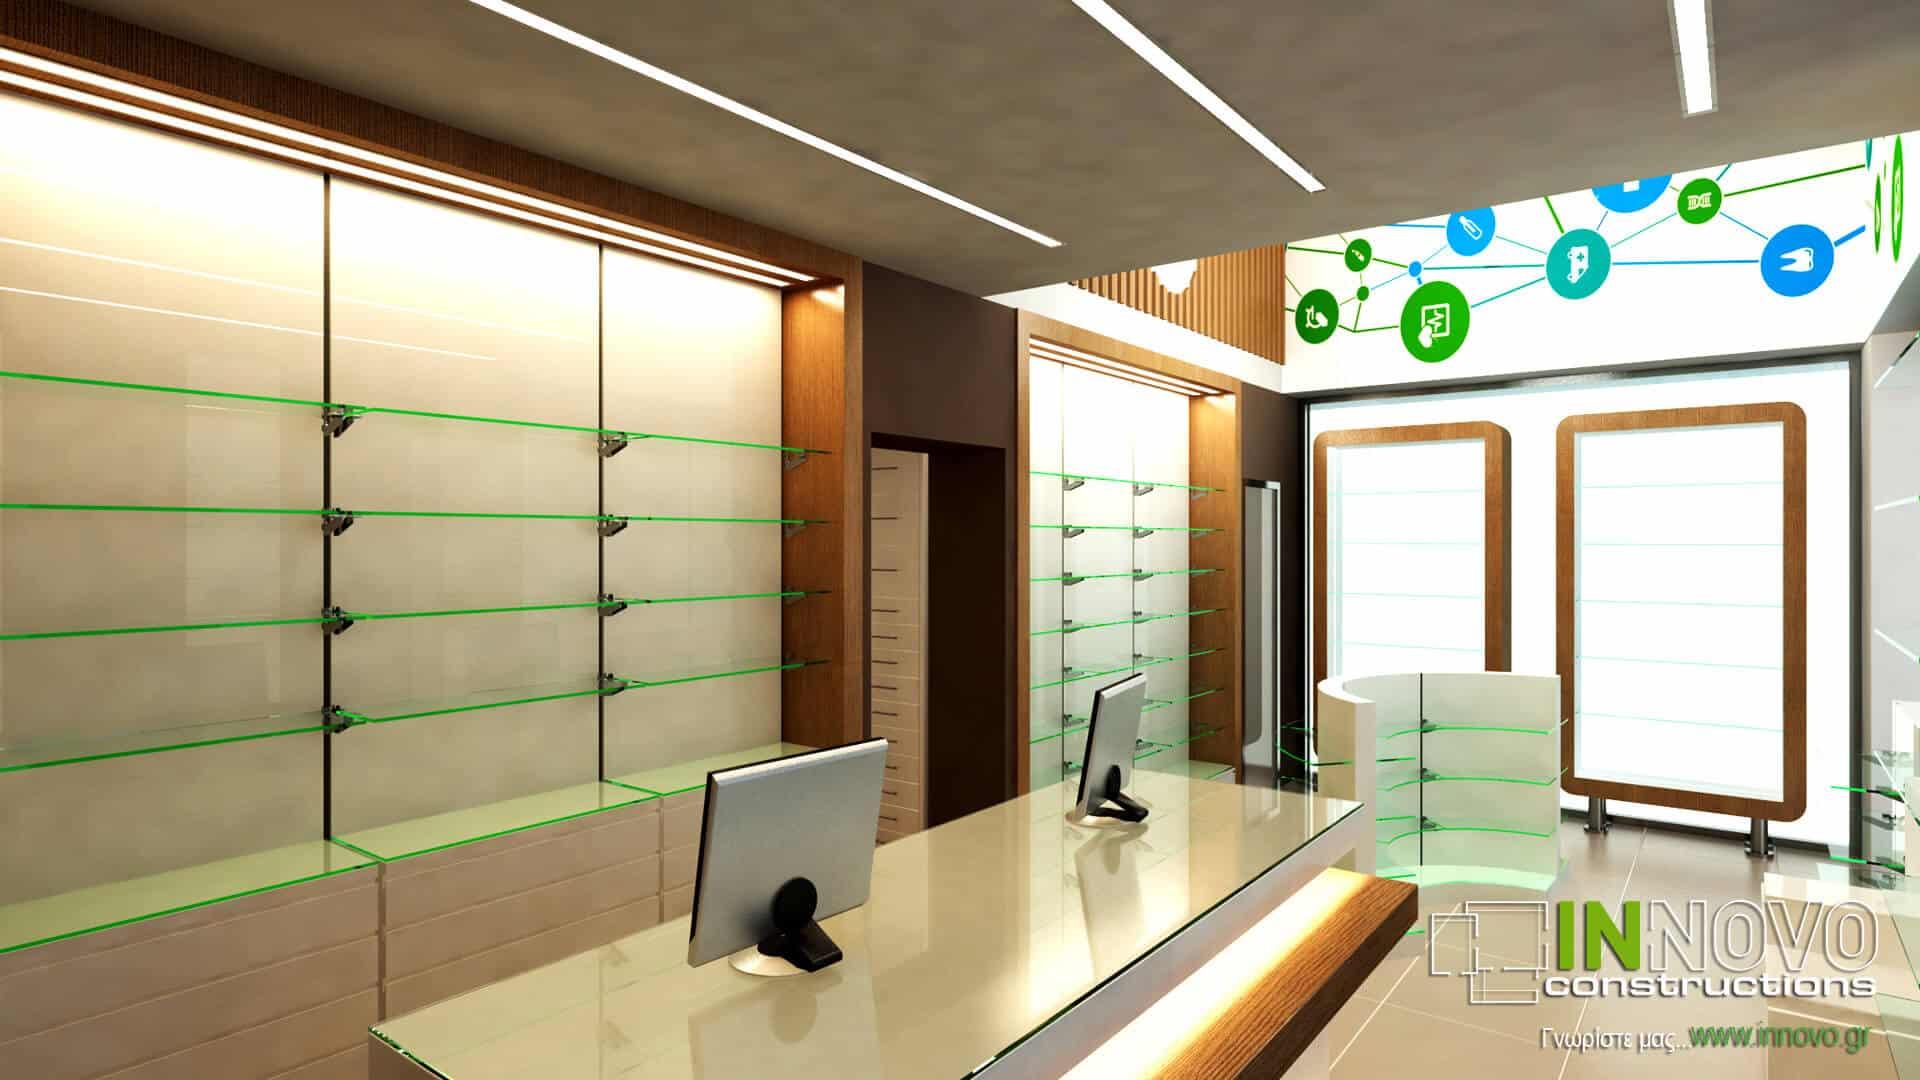 Σχεδιασμός διακόσμησης χώρου φαρμακείου στο Αιγάλεω